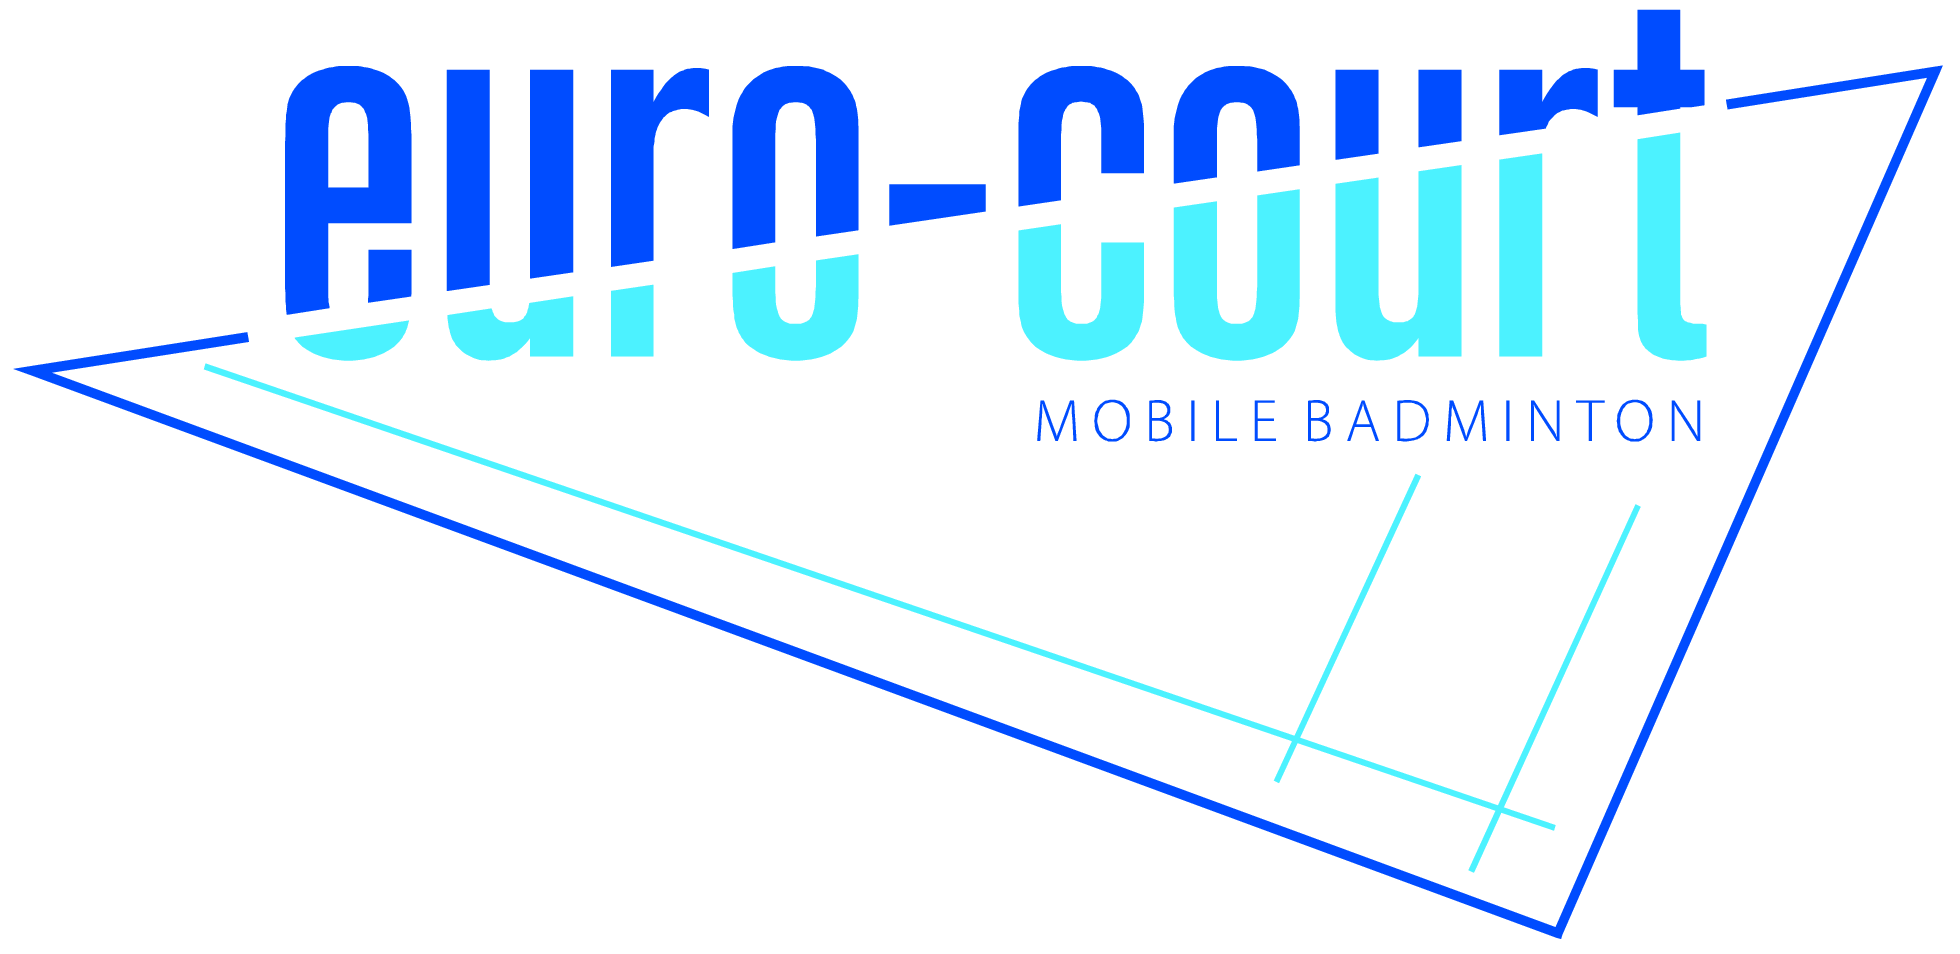 eurocourt original logo